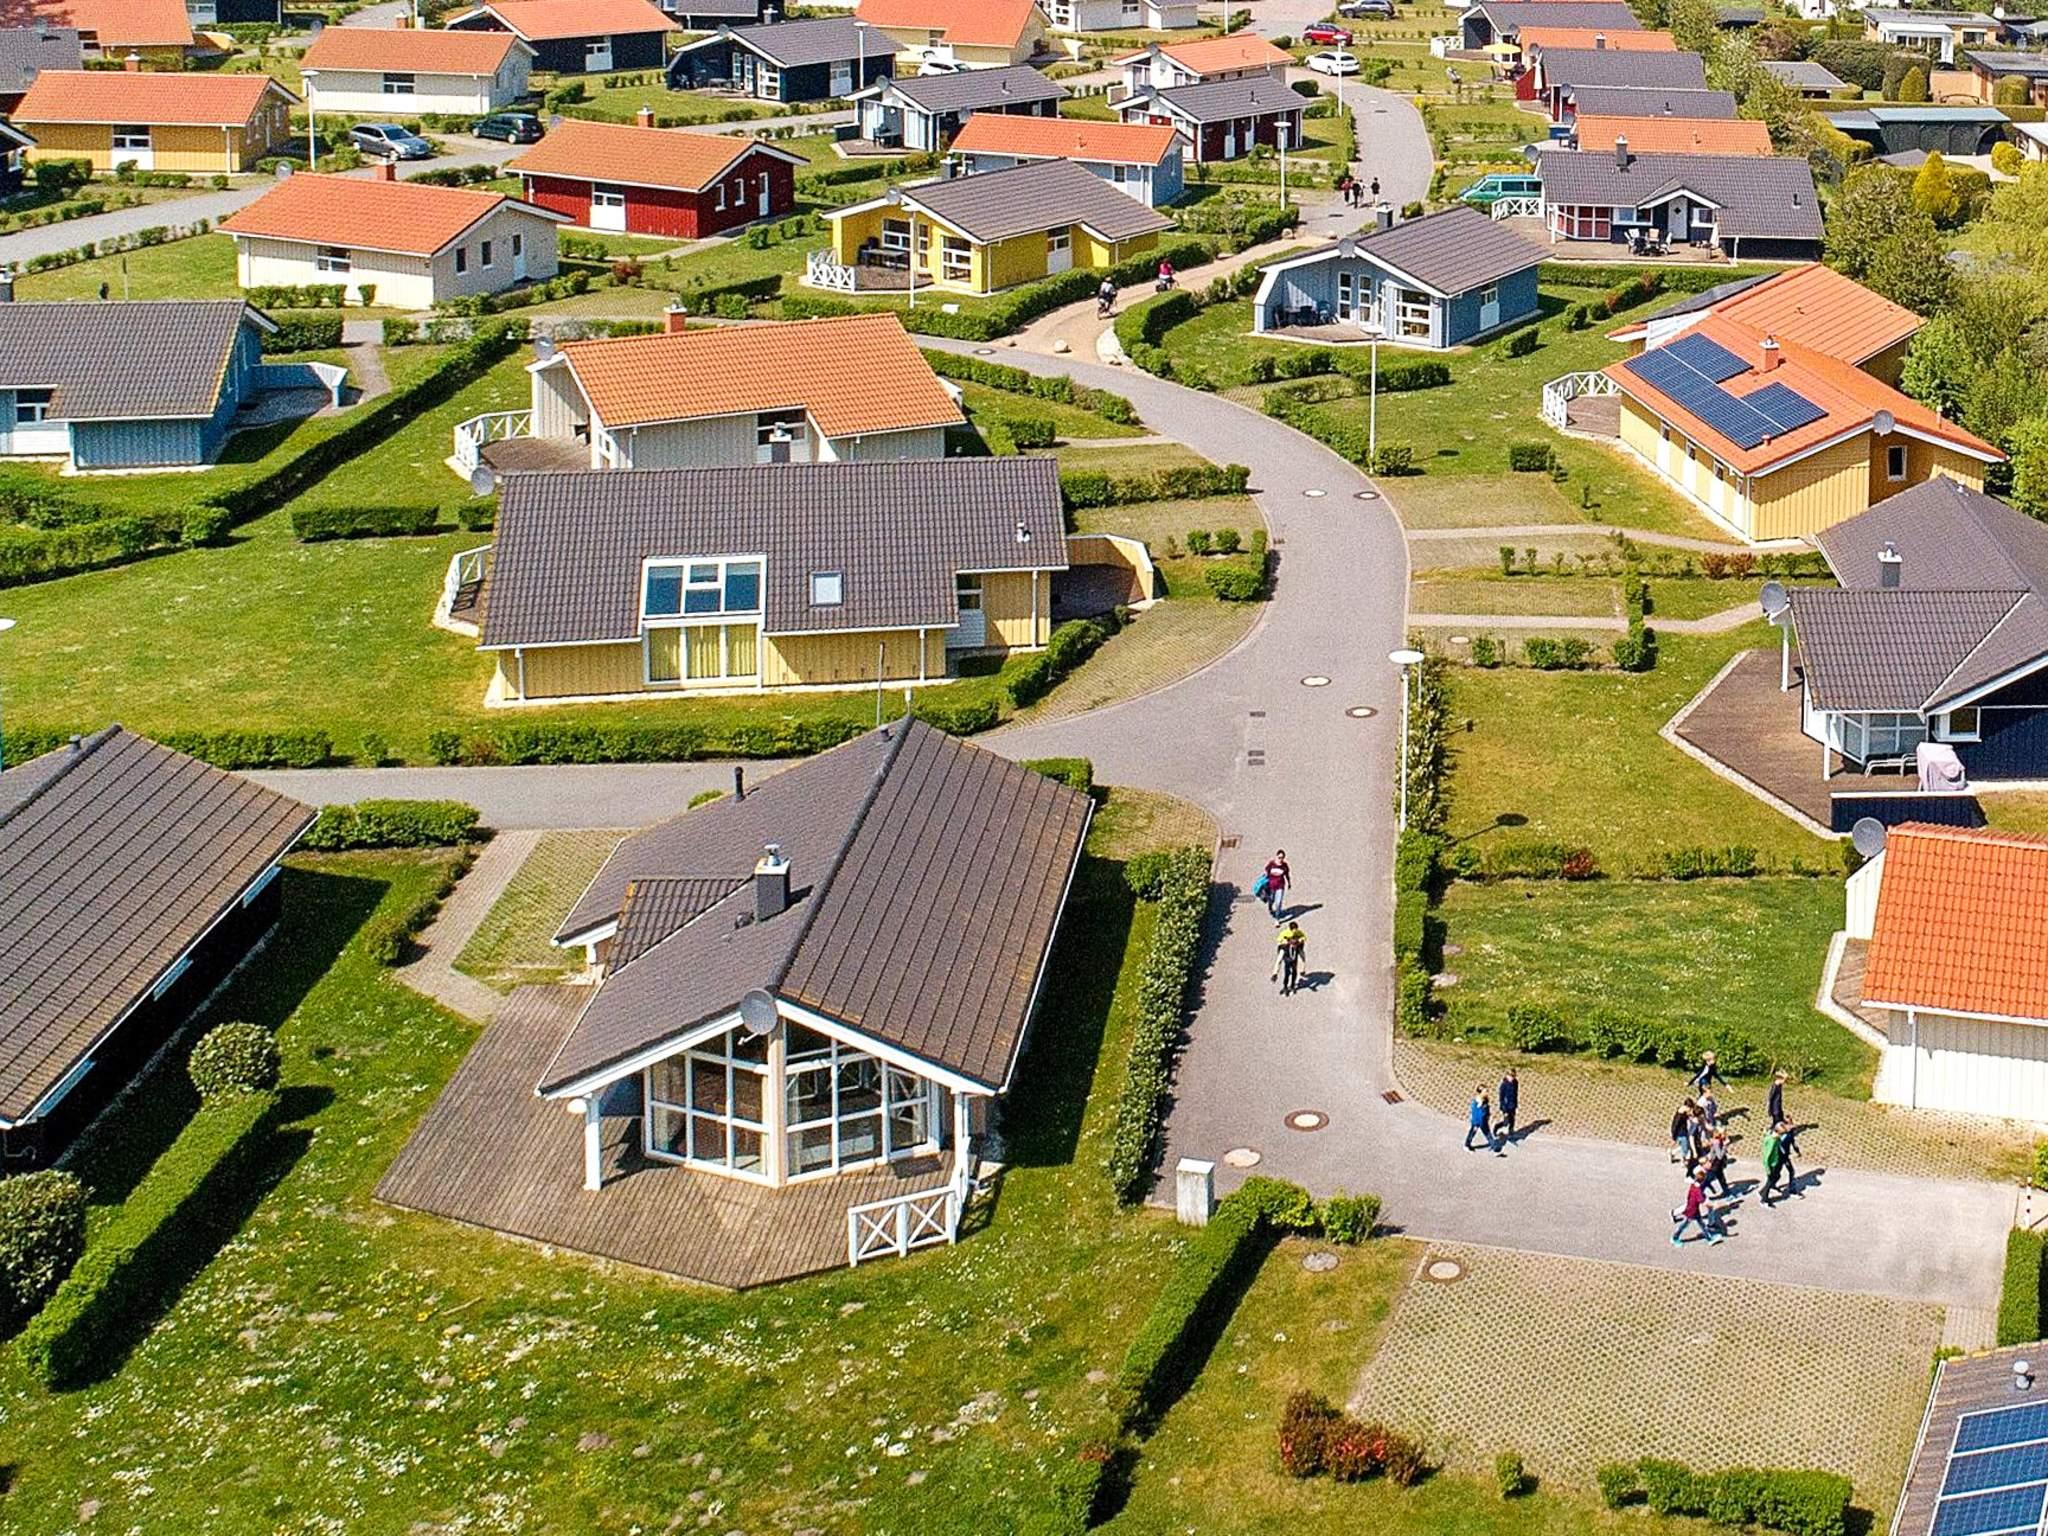 Maison de vacances Grömitz (359058), Grömitz, Baie de Lübeck, Schleswig-Holstein, Allemagne, image 20